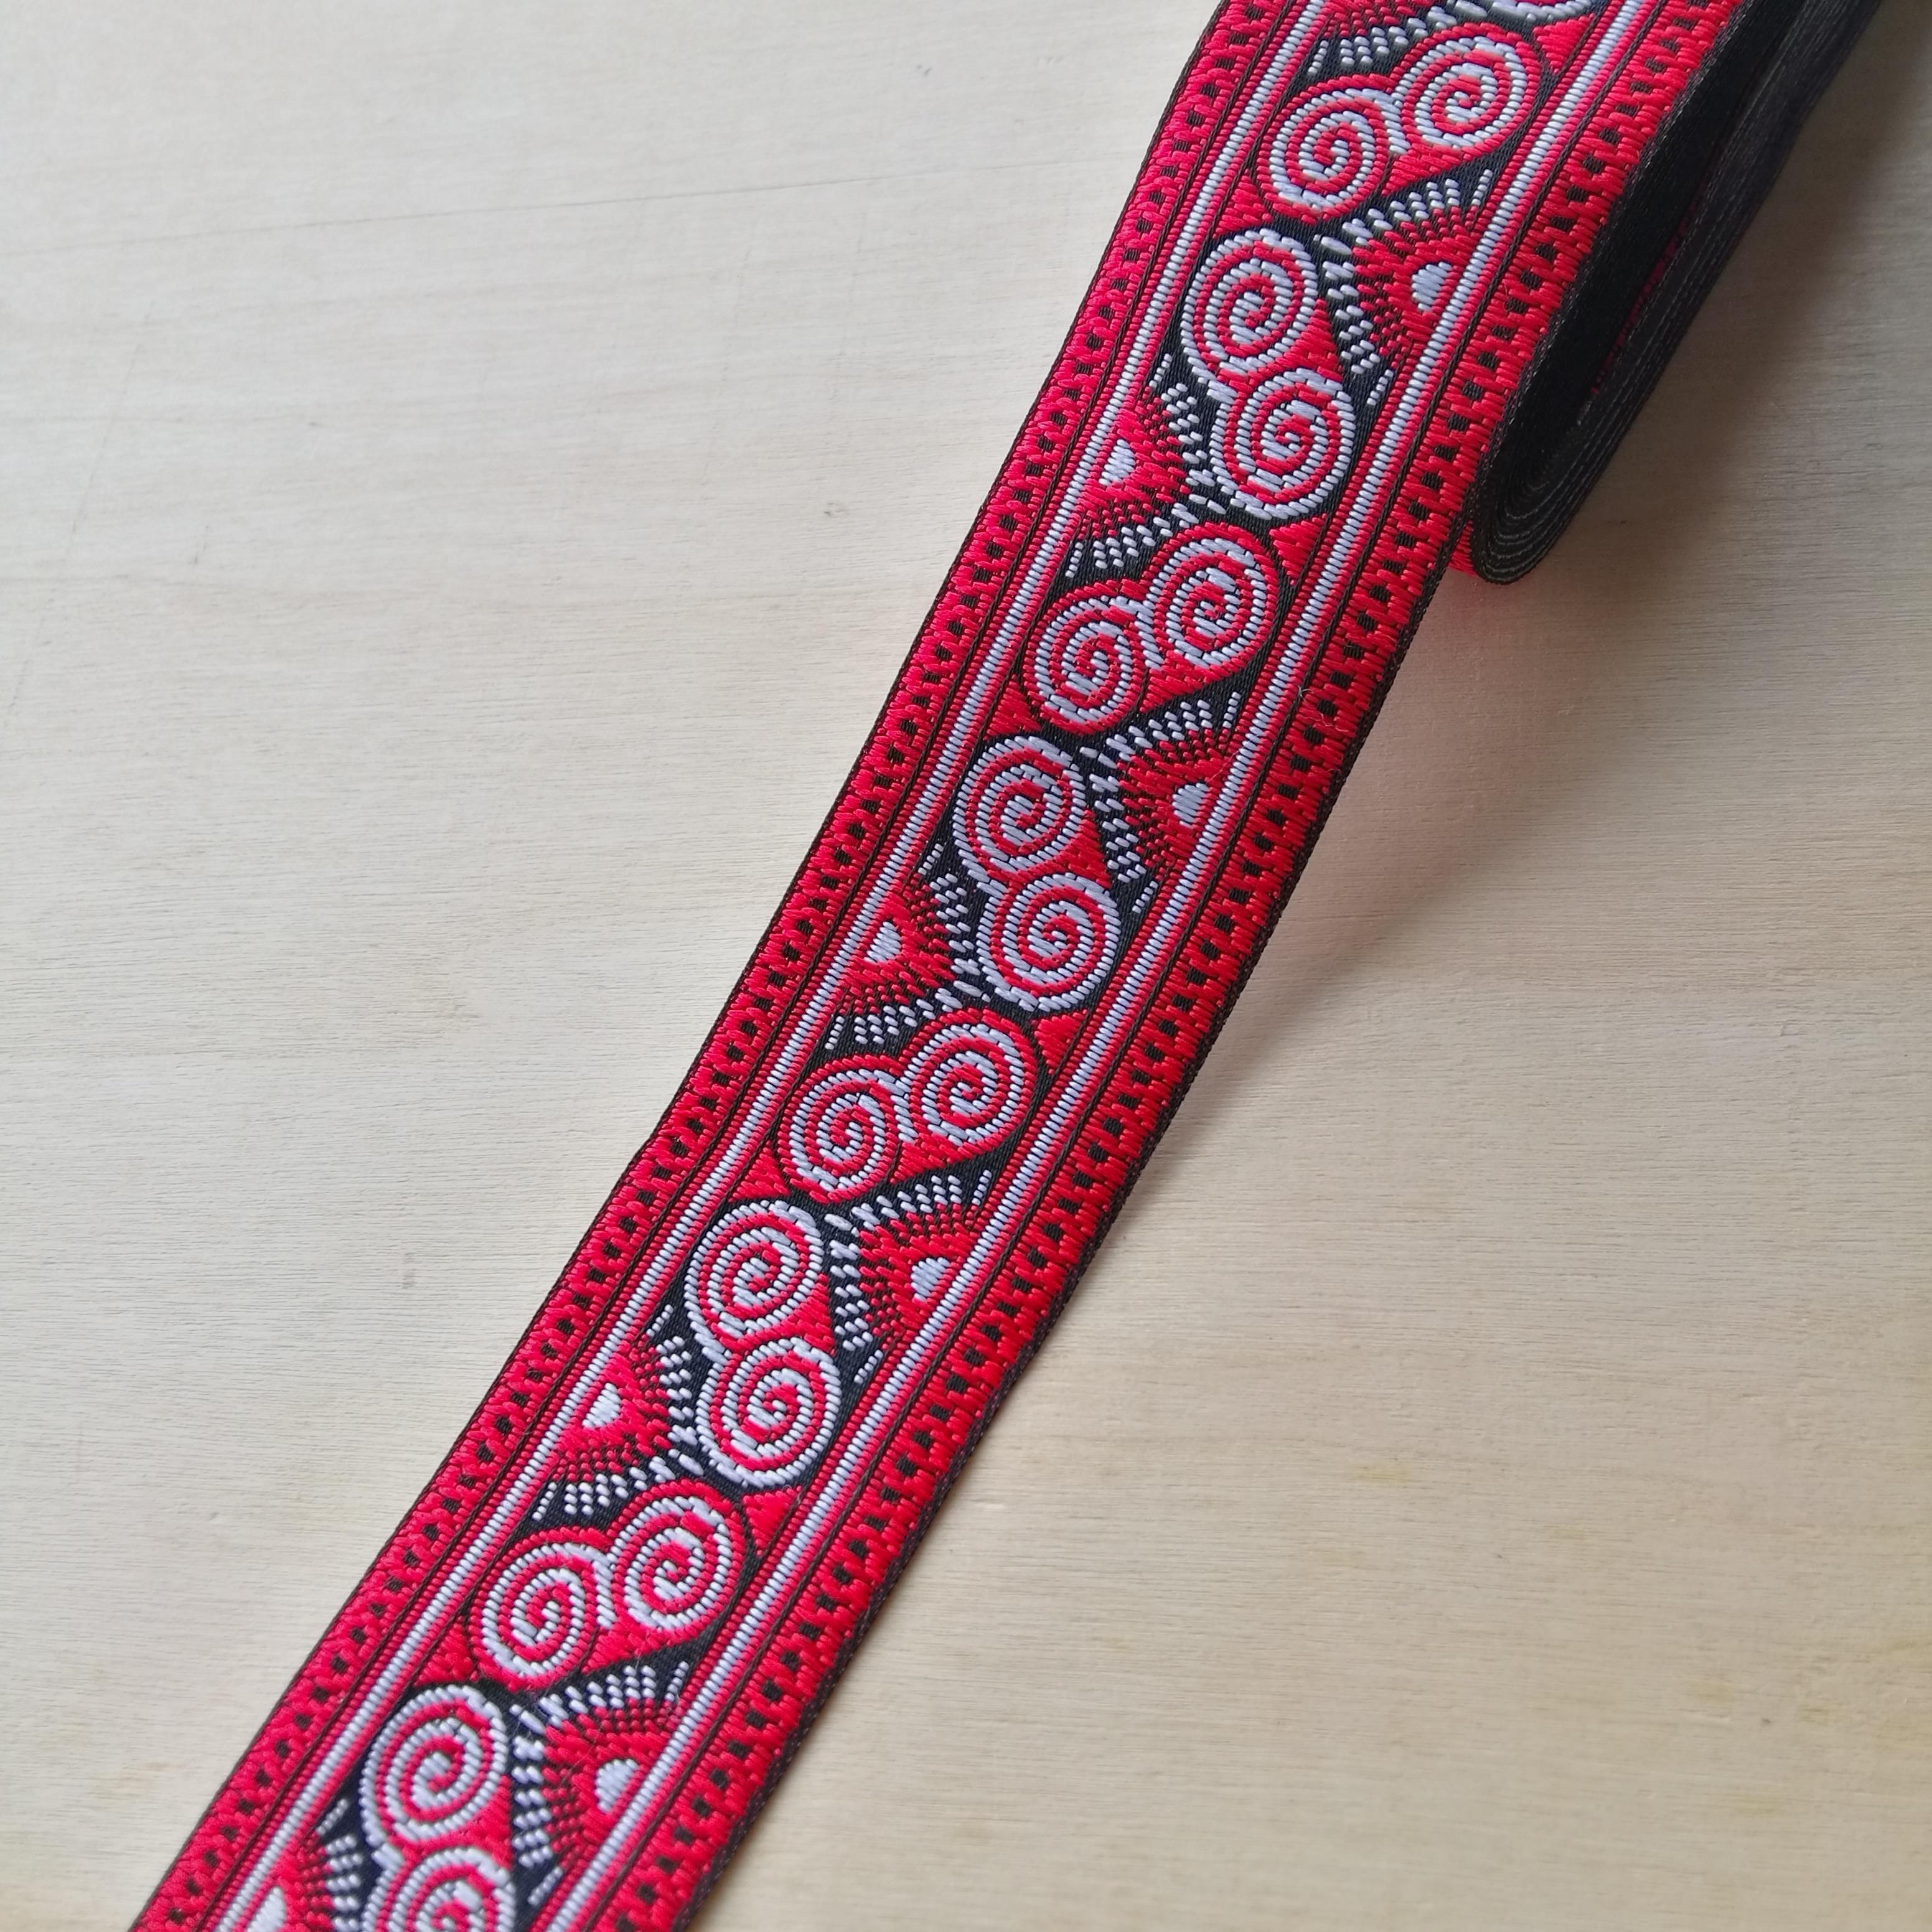 4cm 40mm 1-5/8 Red Branco Clássico Nascer do Sol Símbolo Antílope Chifre Miao Traje Fita Laciness nacional Correias Jacquard Rendas